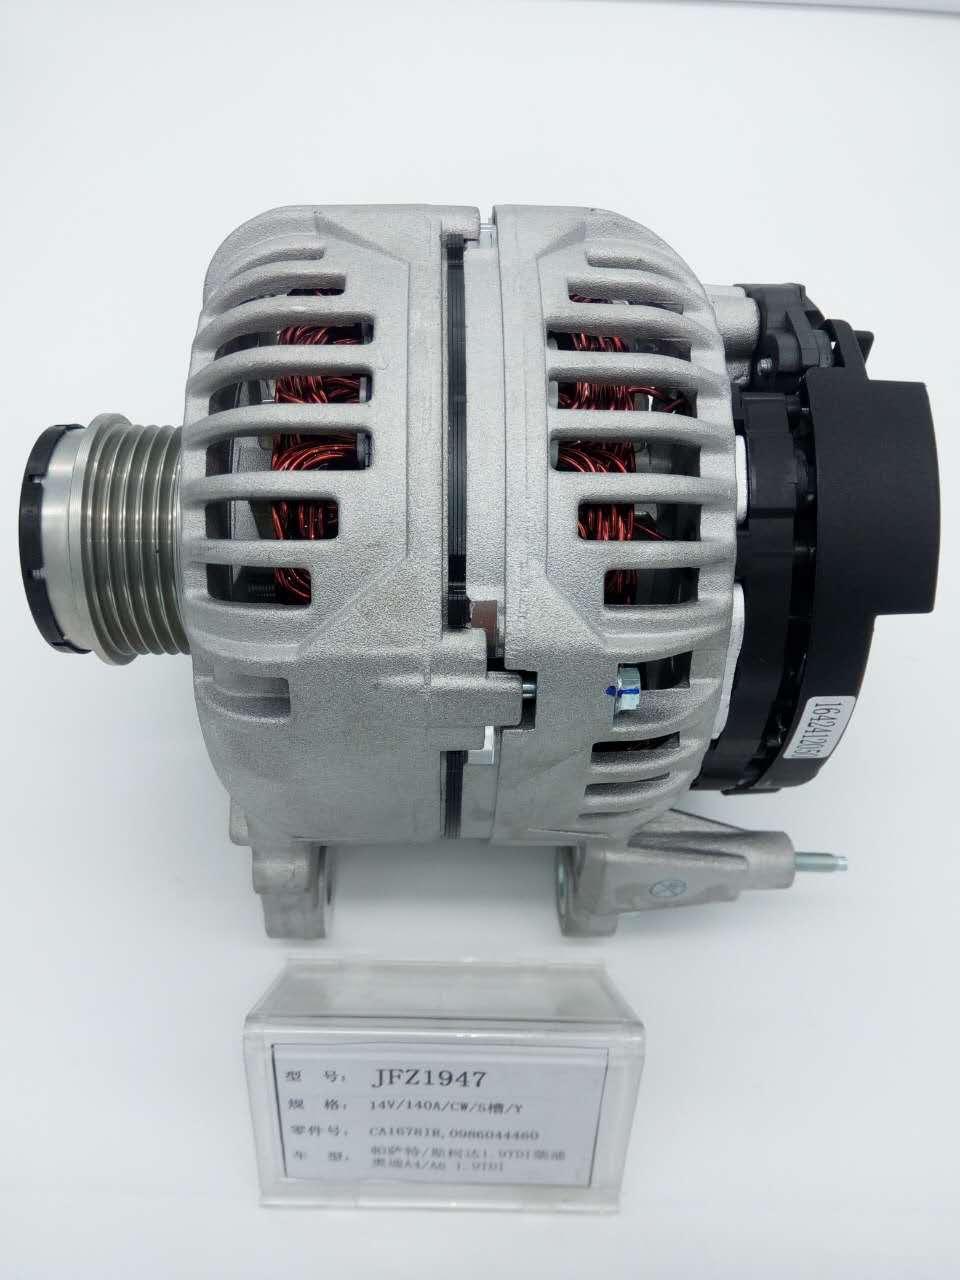 帕萨特1.9TDI柴油发电机-CA1678IR-0124525010